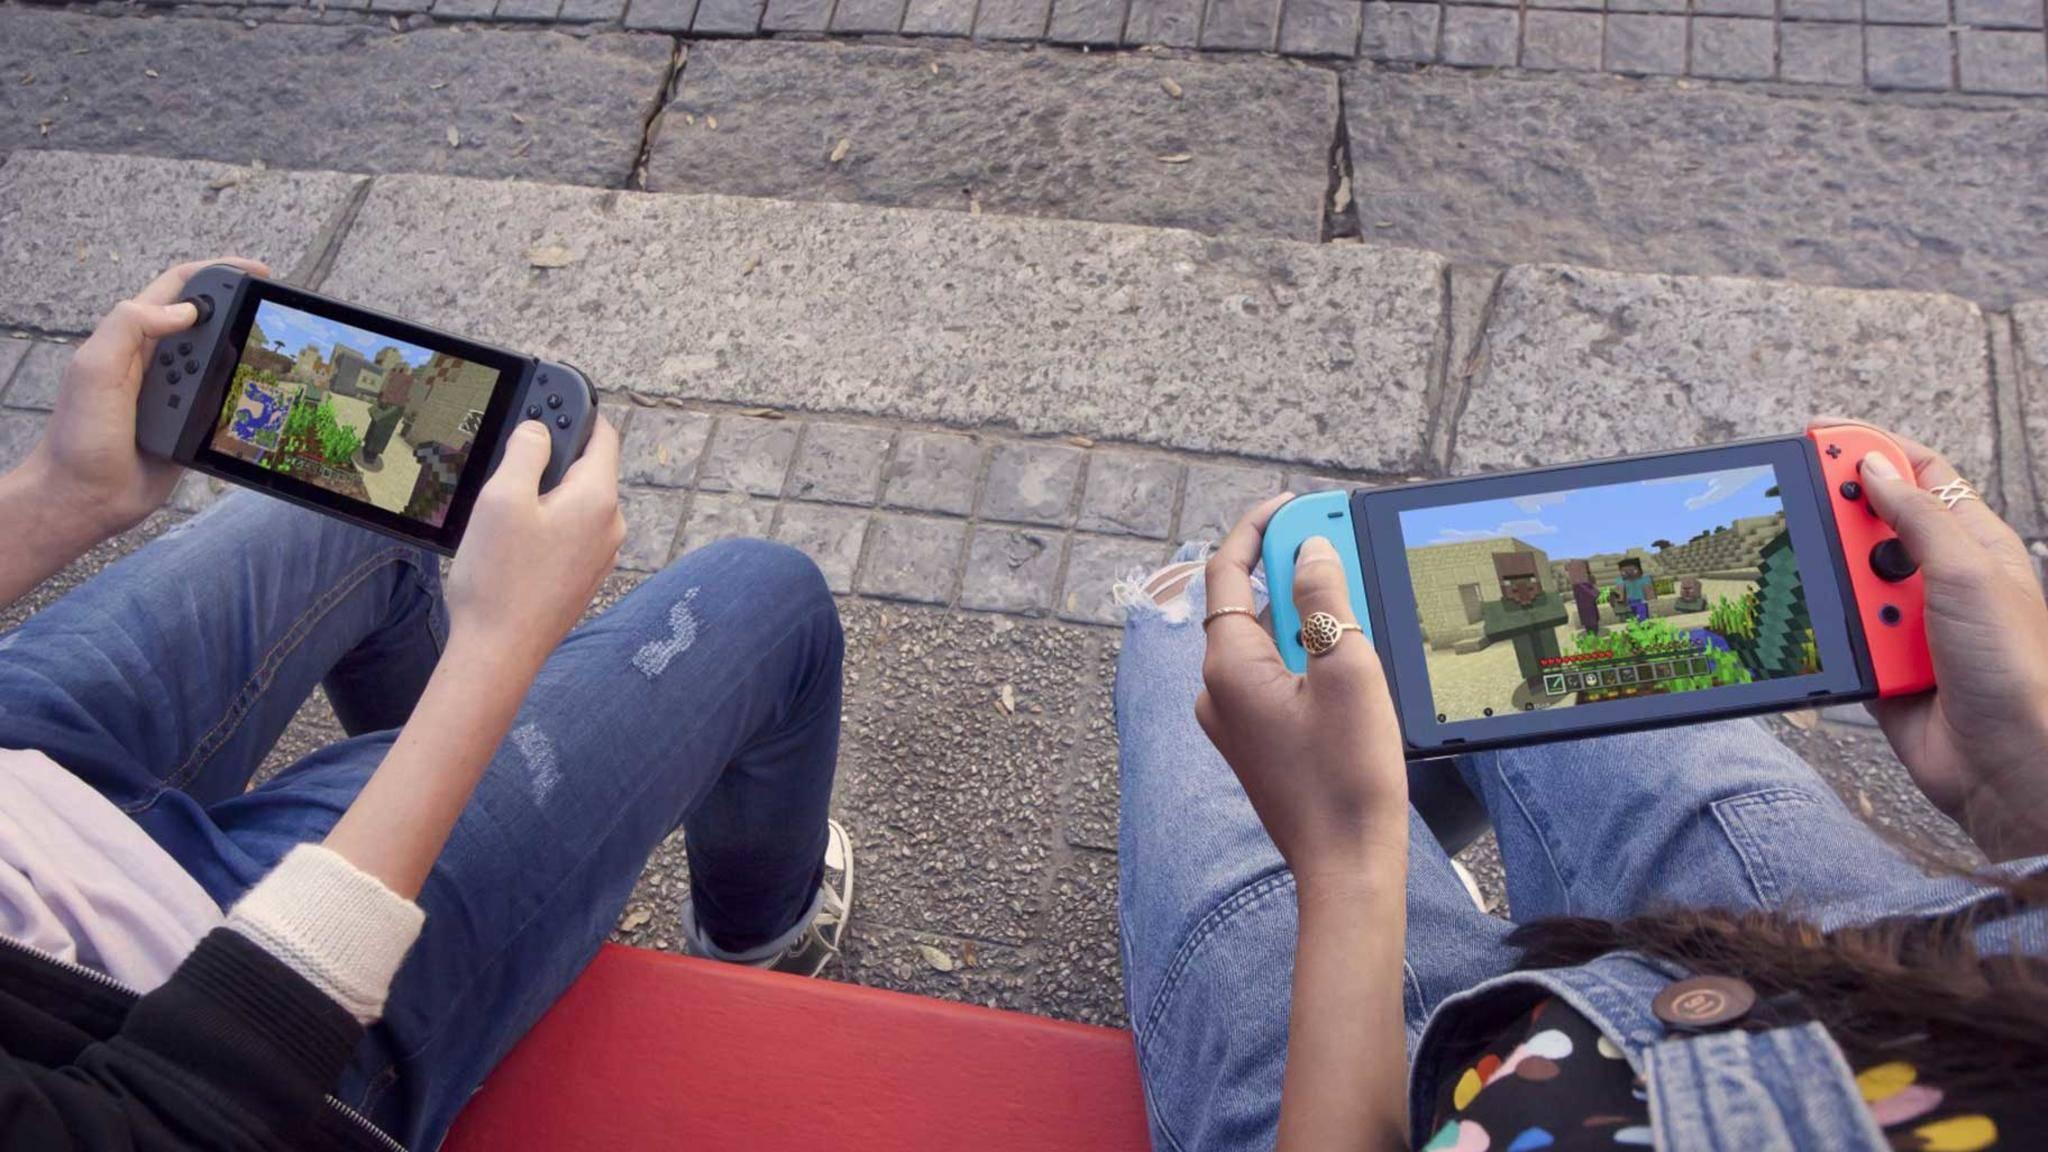 Nintendo Switch: Günstigeres Modell angeblich ab Herbst erhältlich